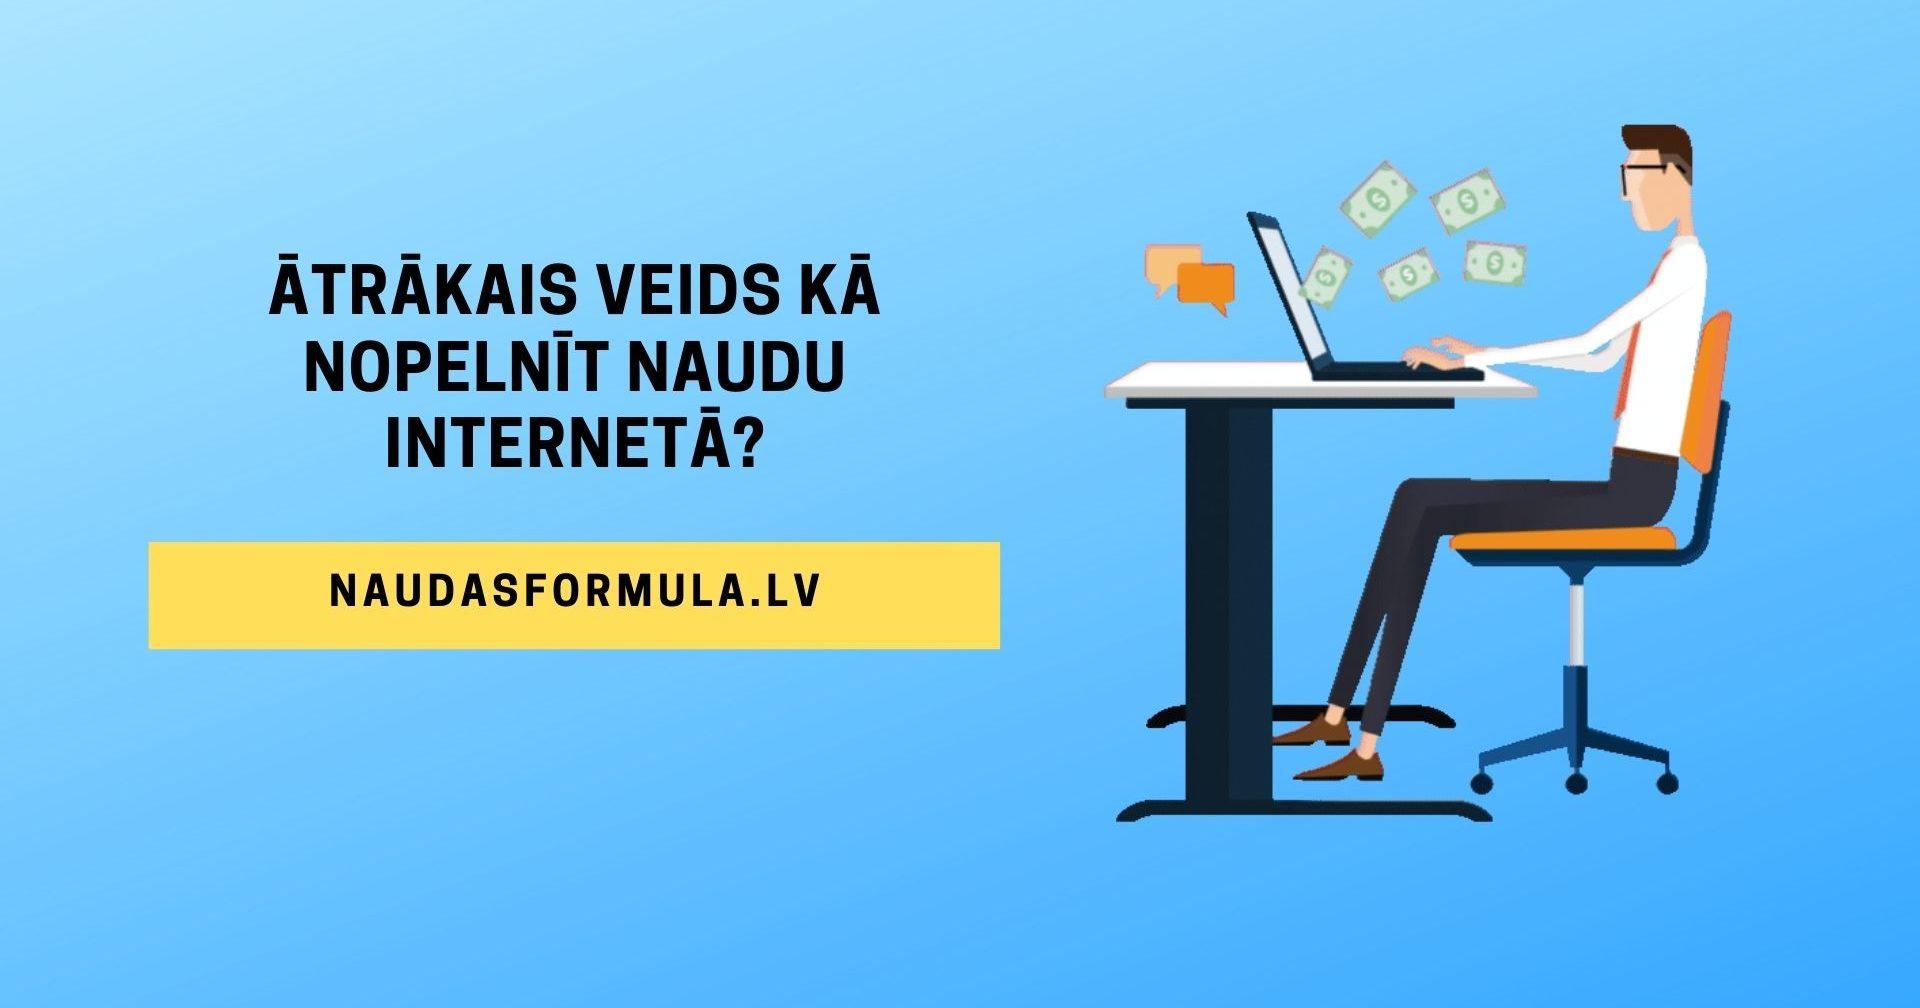 Vislabāk Nopelnīt Reālas Naudas Programmas - Kā nopelnīt naudu internetā ātri un viegli?